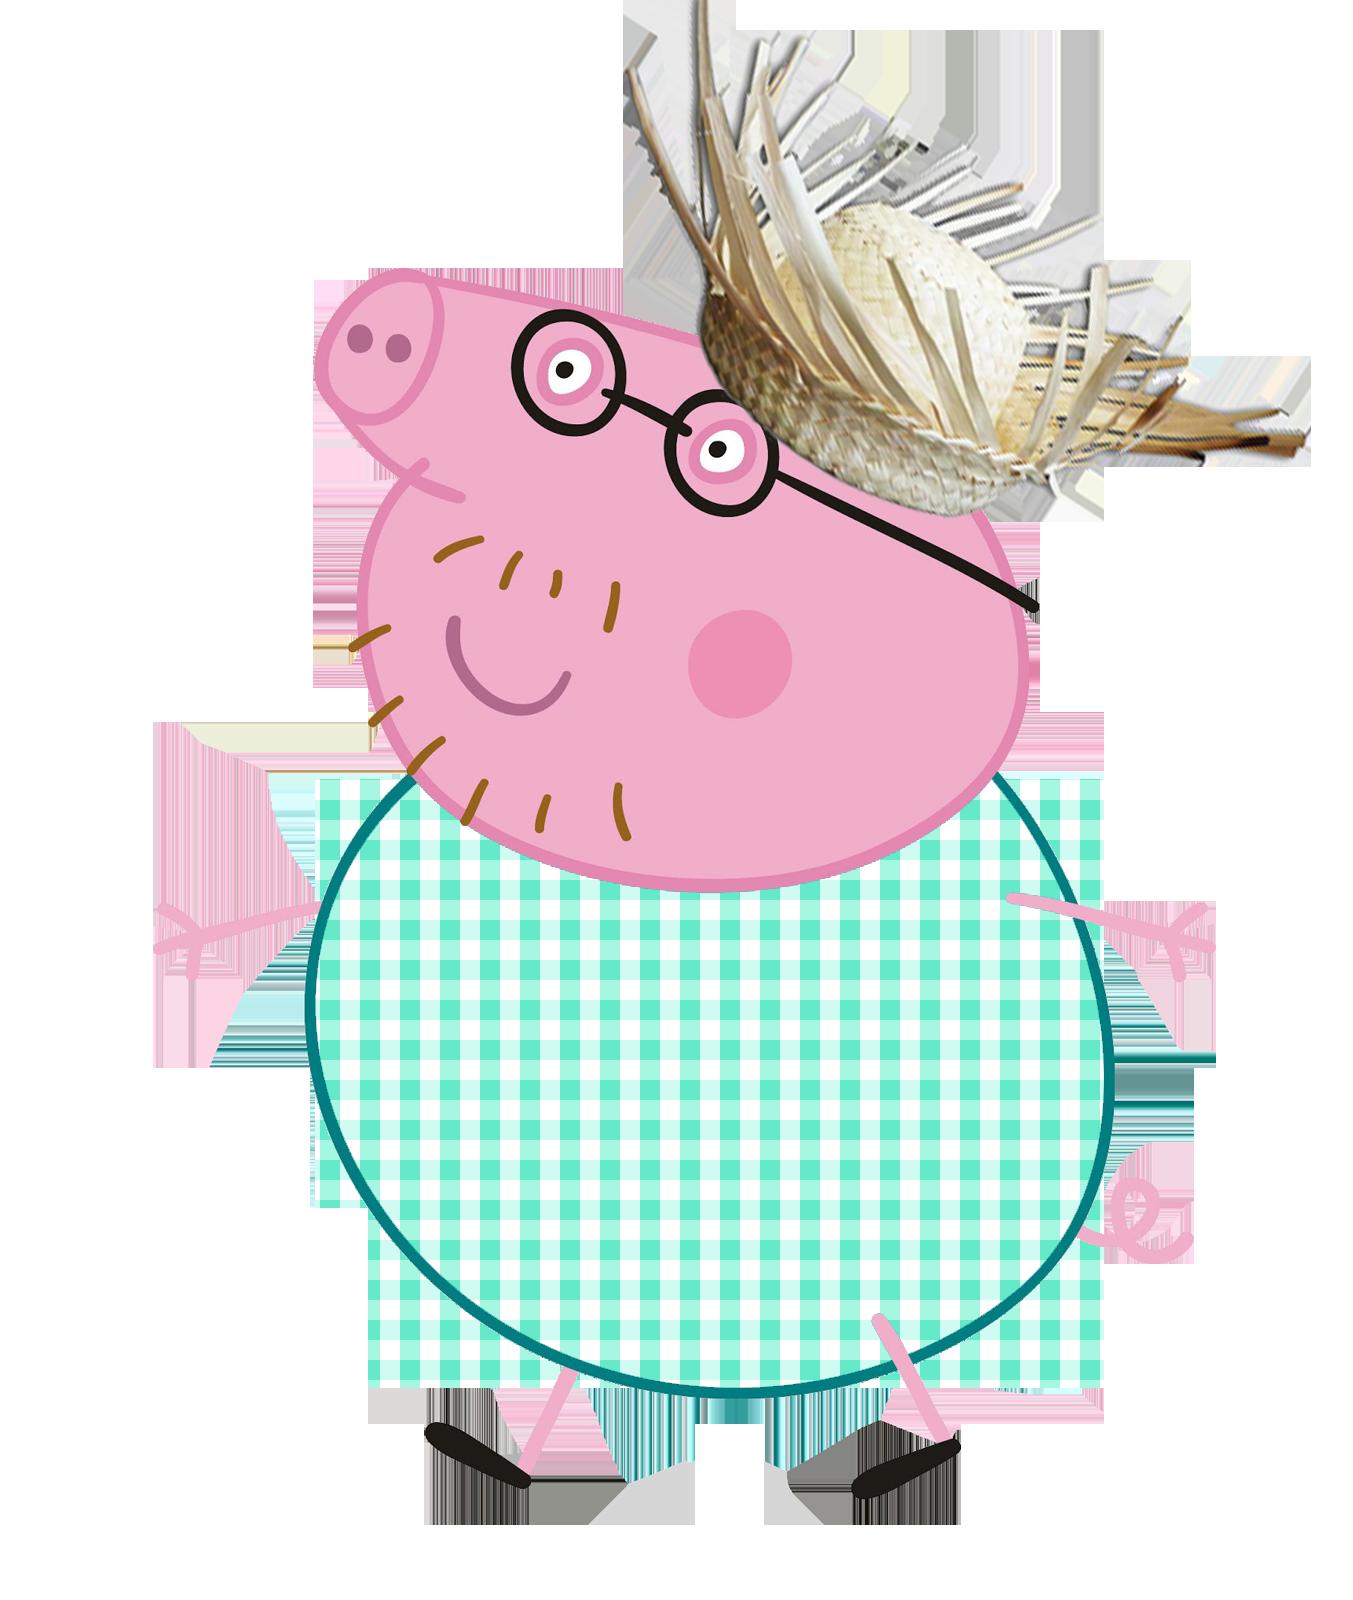 Família da Peppa: Peppa Pig, George, Mamãe Pig e Papai Pig de Pelúcia ...